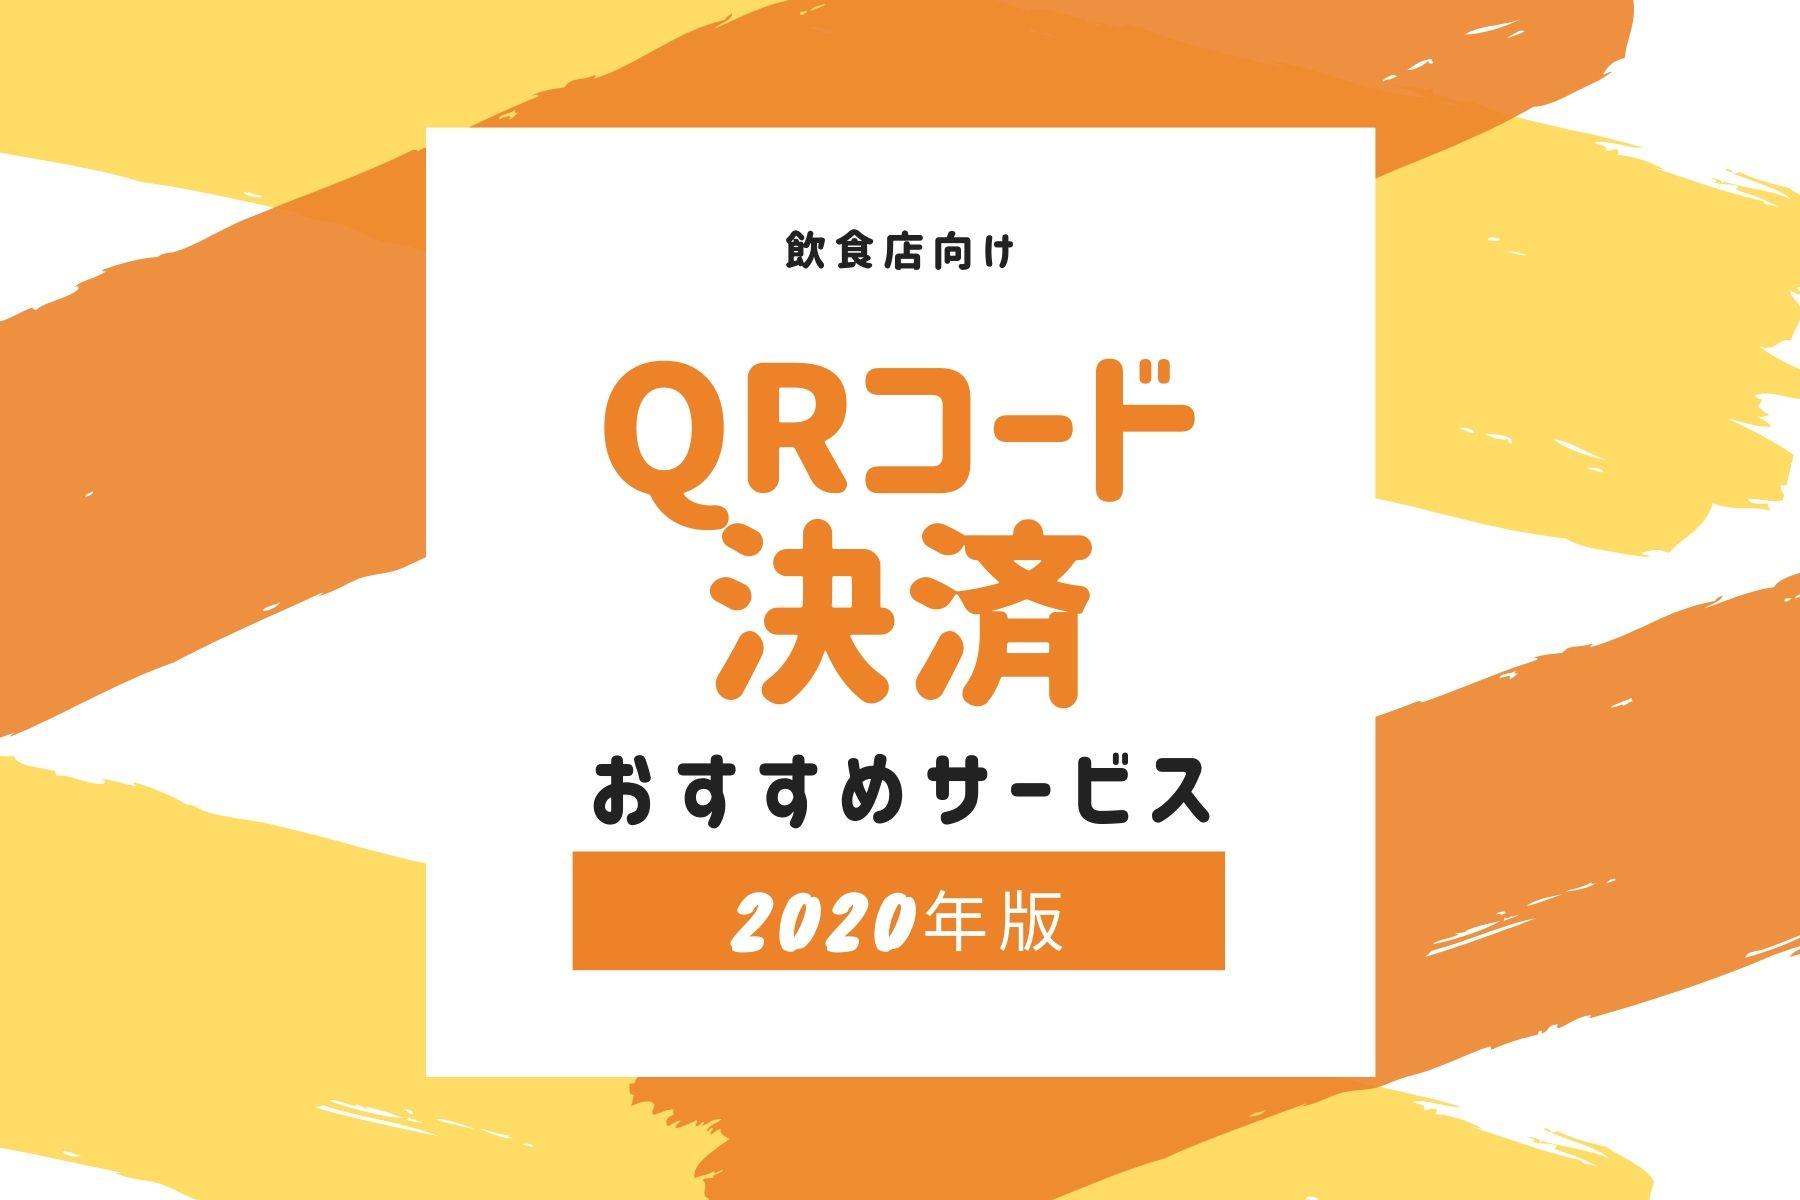 QRコード決済導入する為のおすすめのサービス【2020年版】飲食店向け